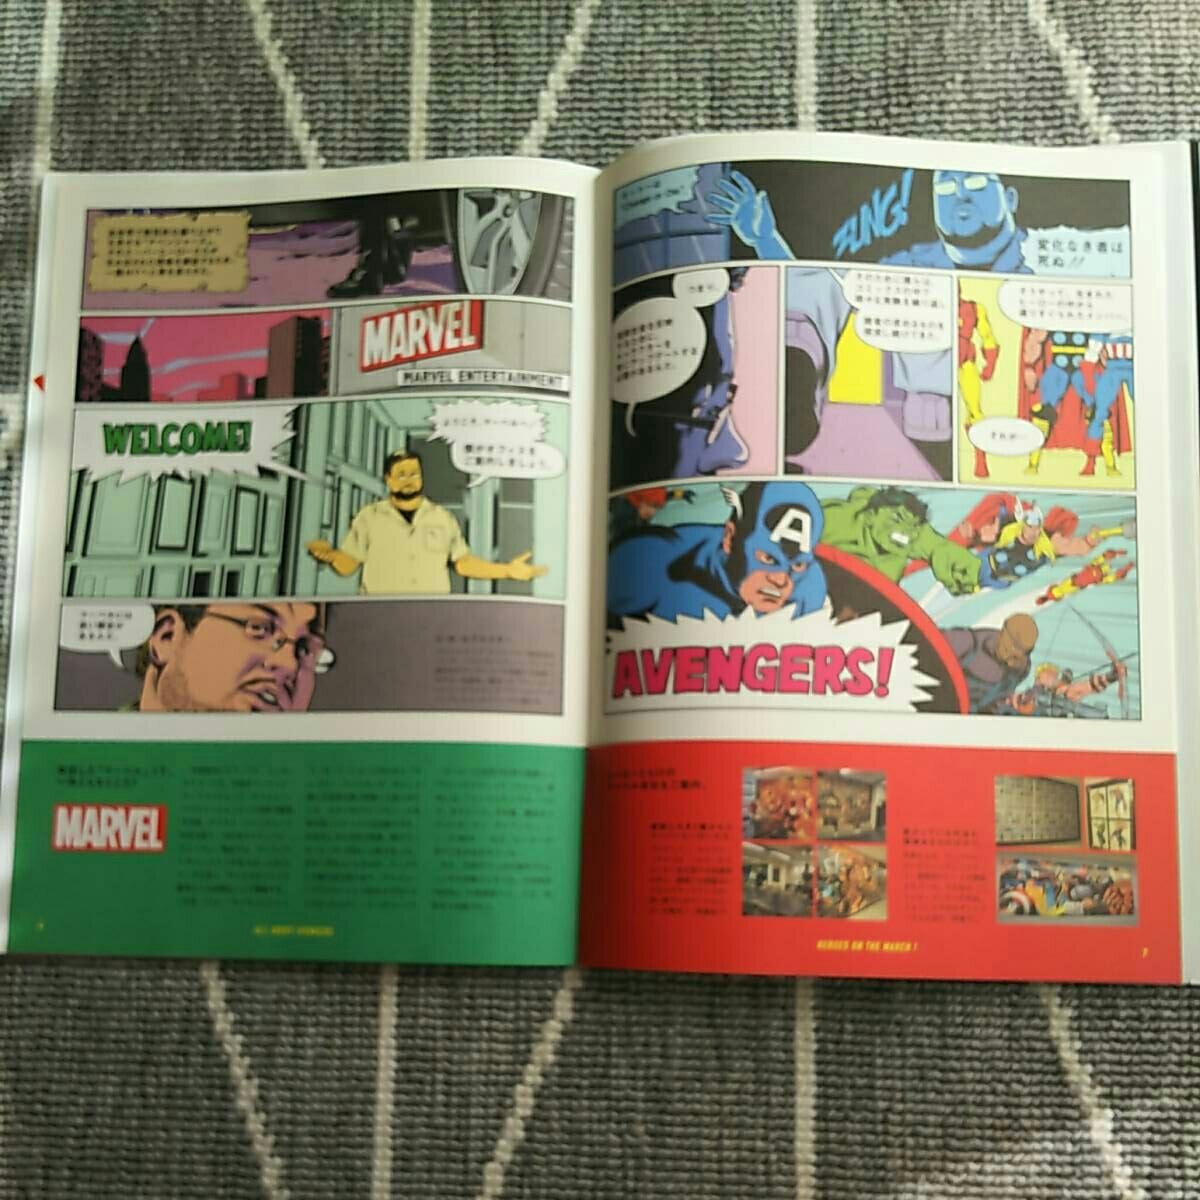 BRUTUS HEROES アメコミ アベンジャーズ MARVEL スパイダーマン キャプテンアメリカ アイアンマン ハルク ヴェノム スタンリー マーベル_画像6